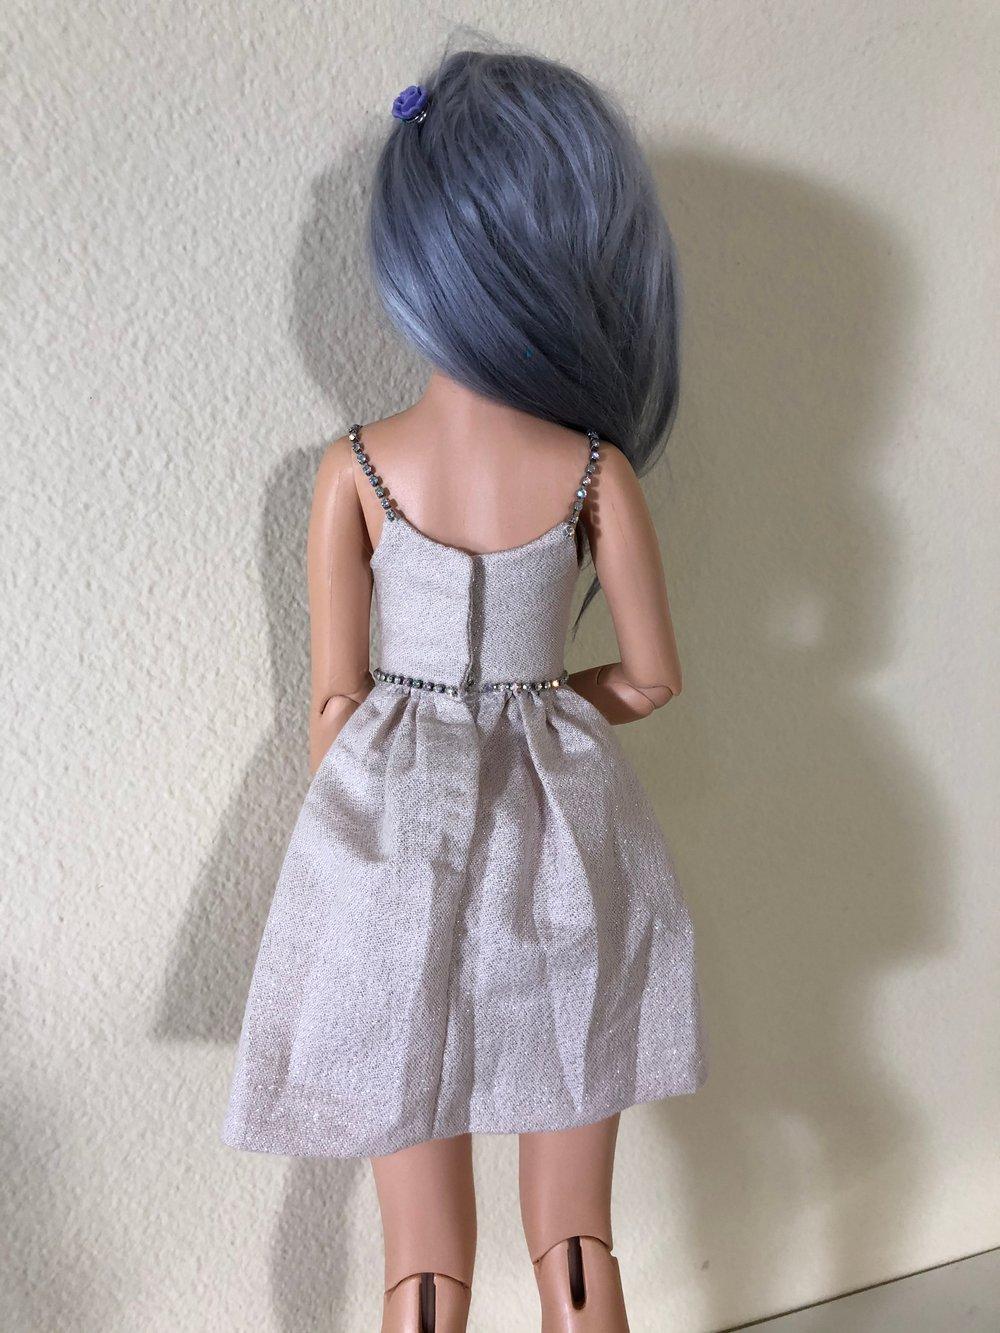 Blush sparkle party dress: Unoa